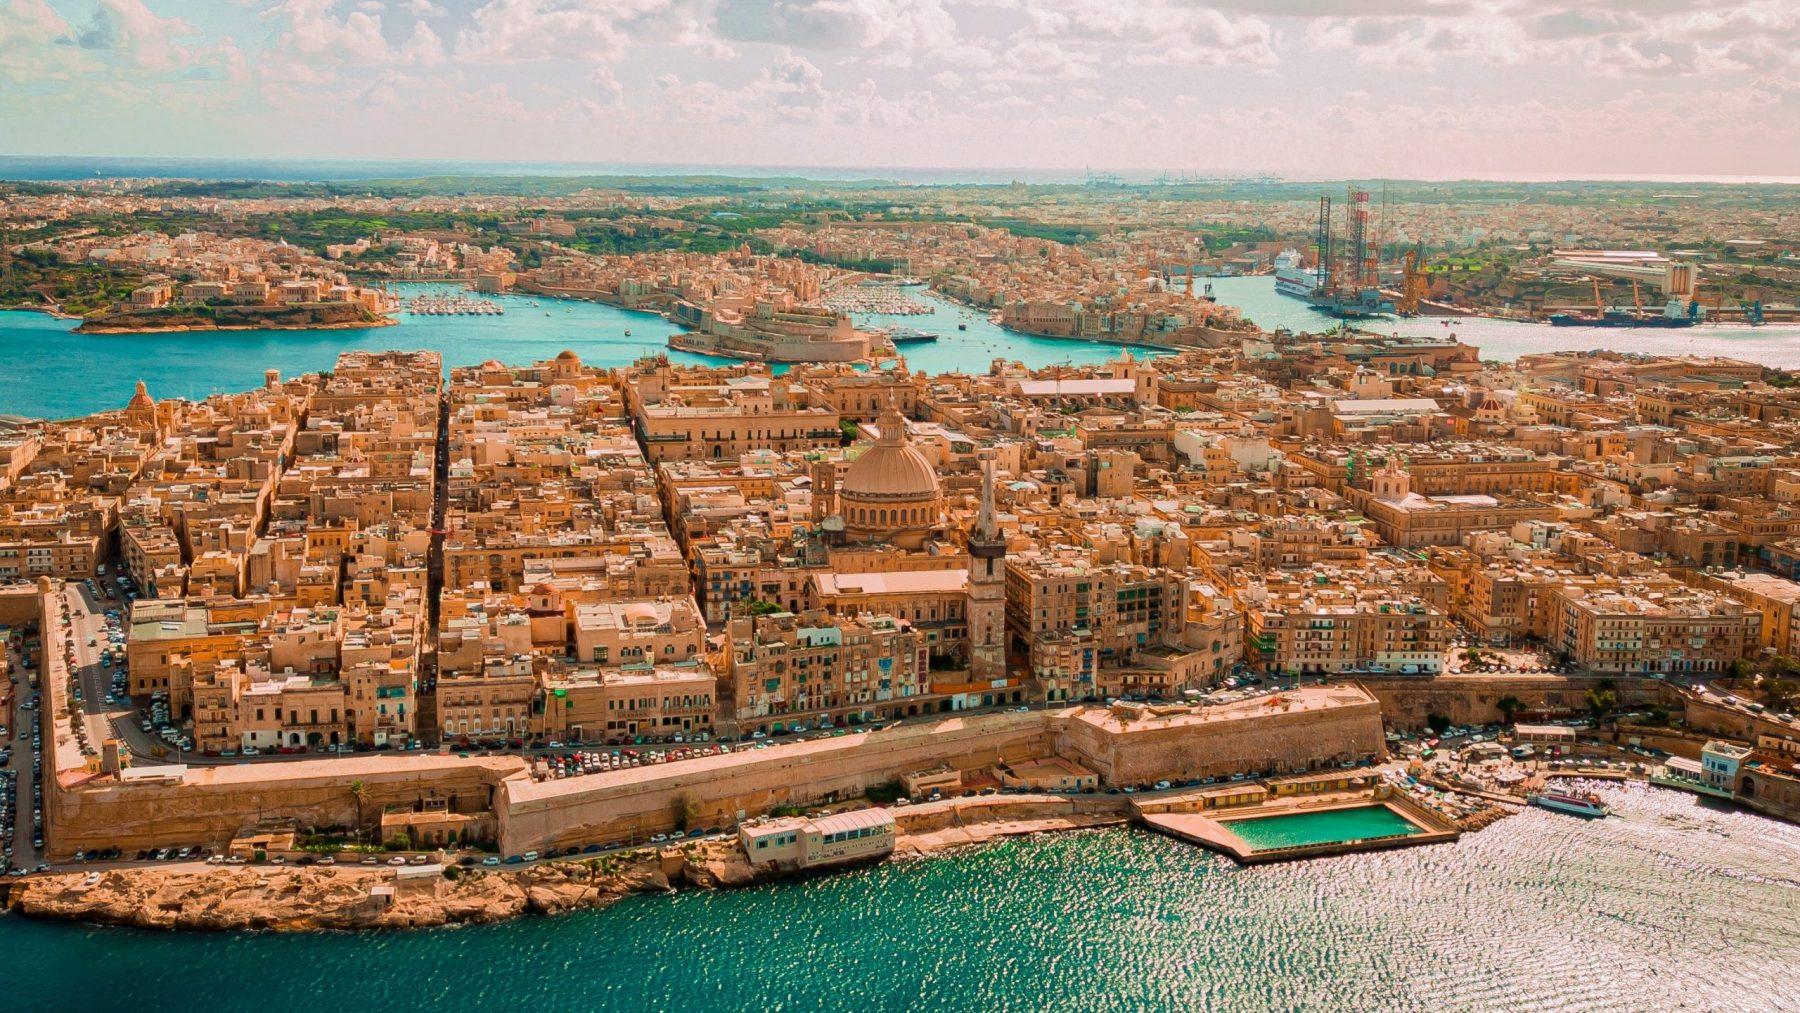 nederlander opgepakt malta eiland